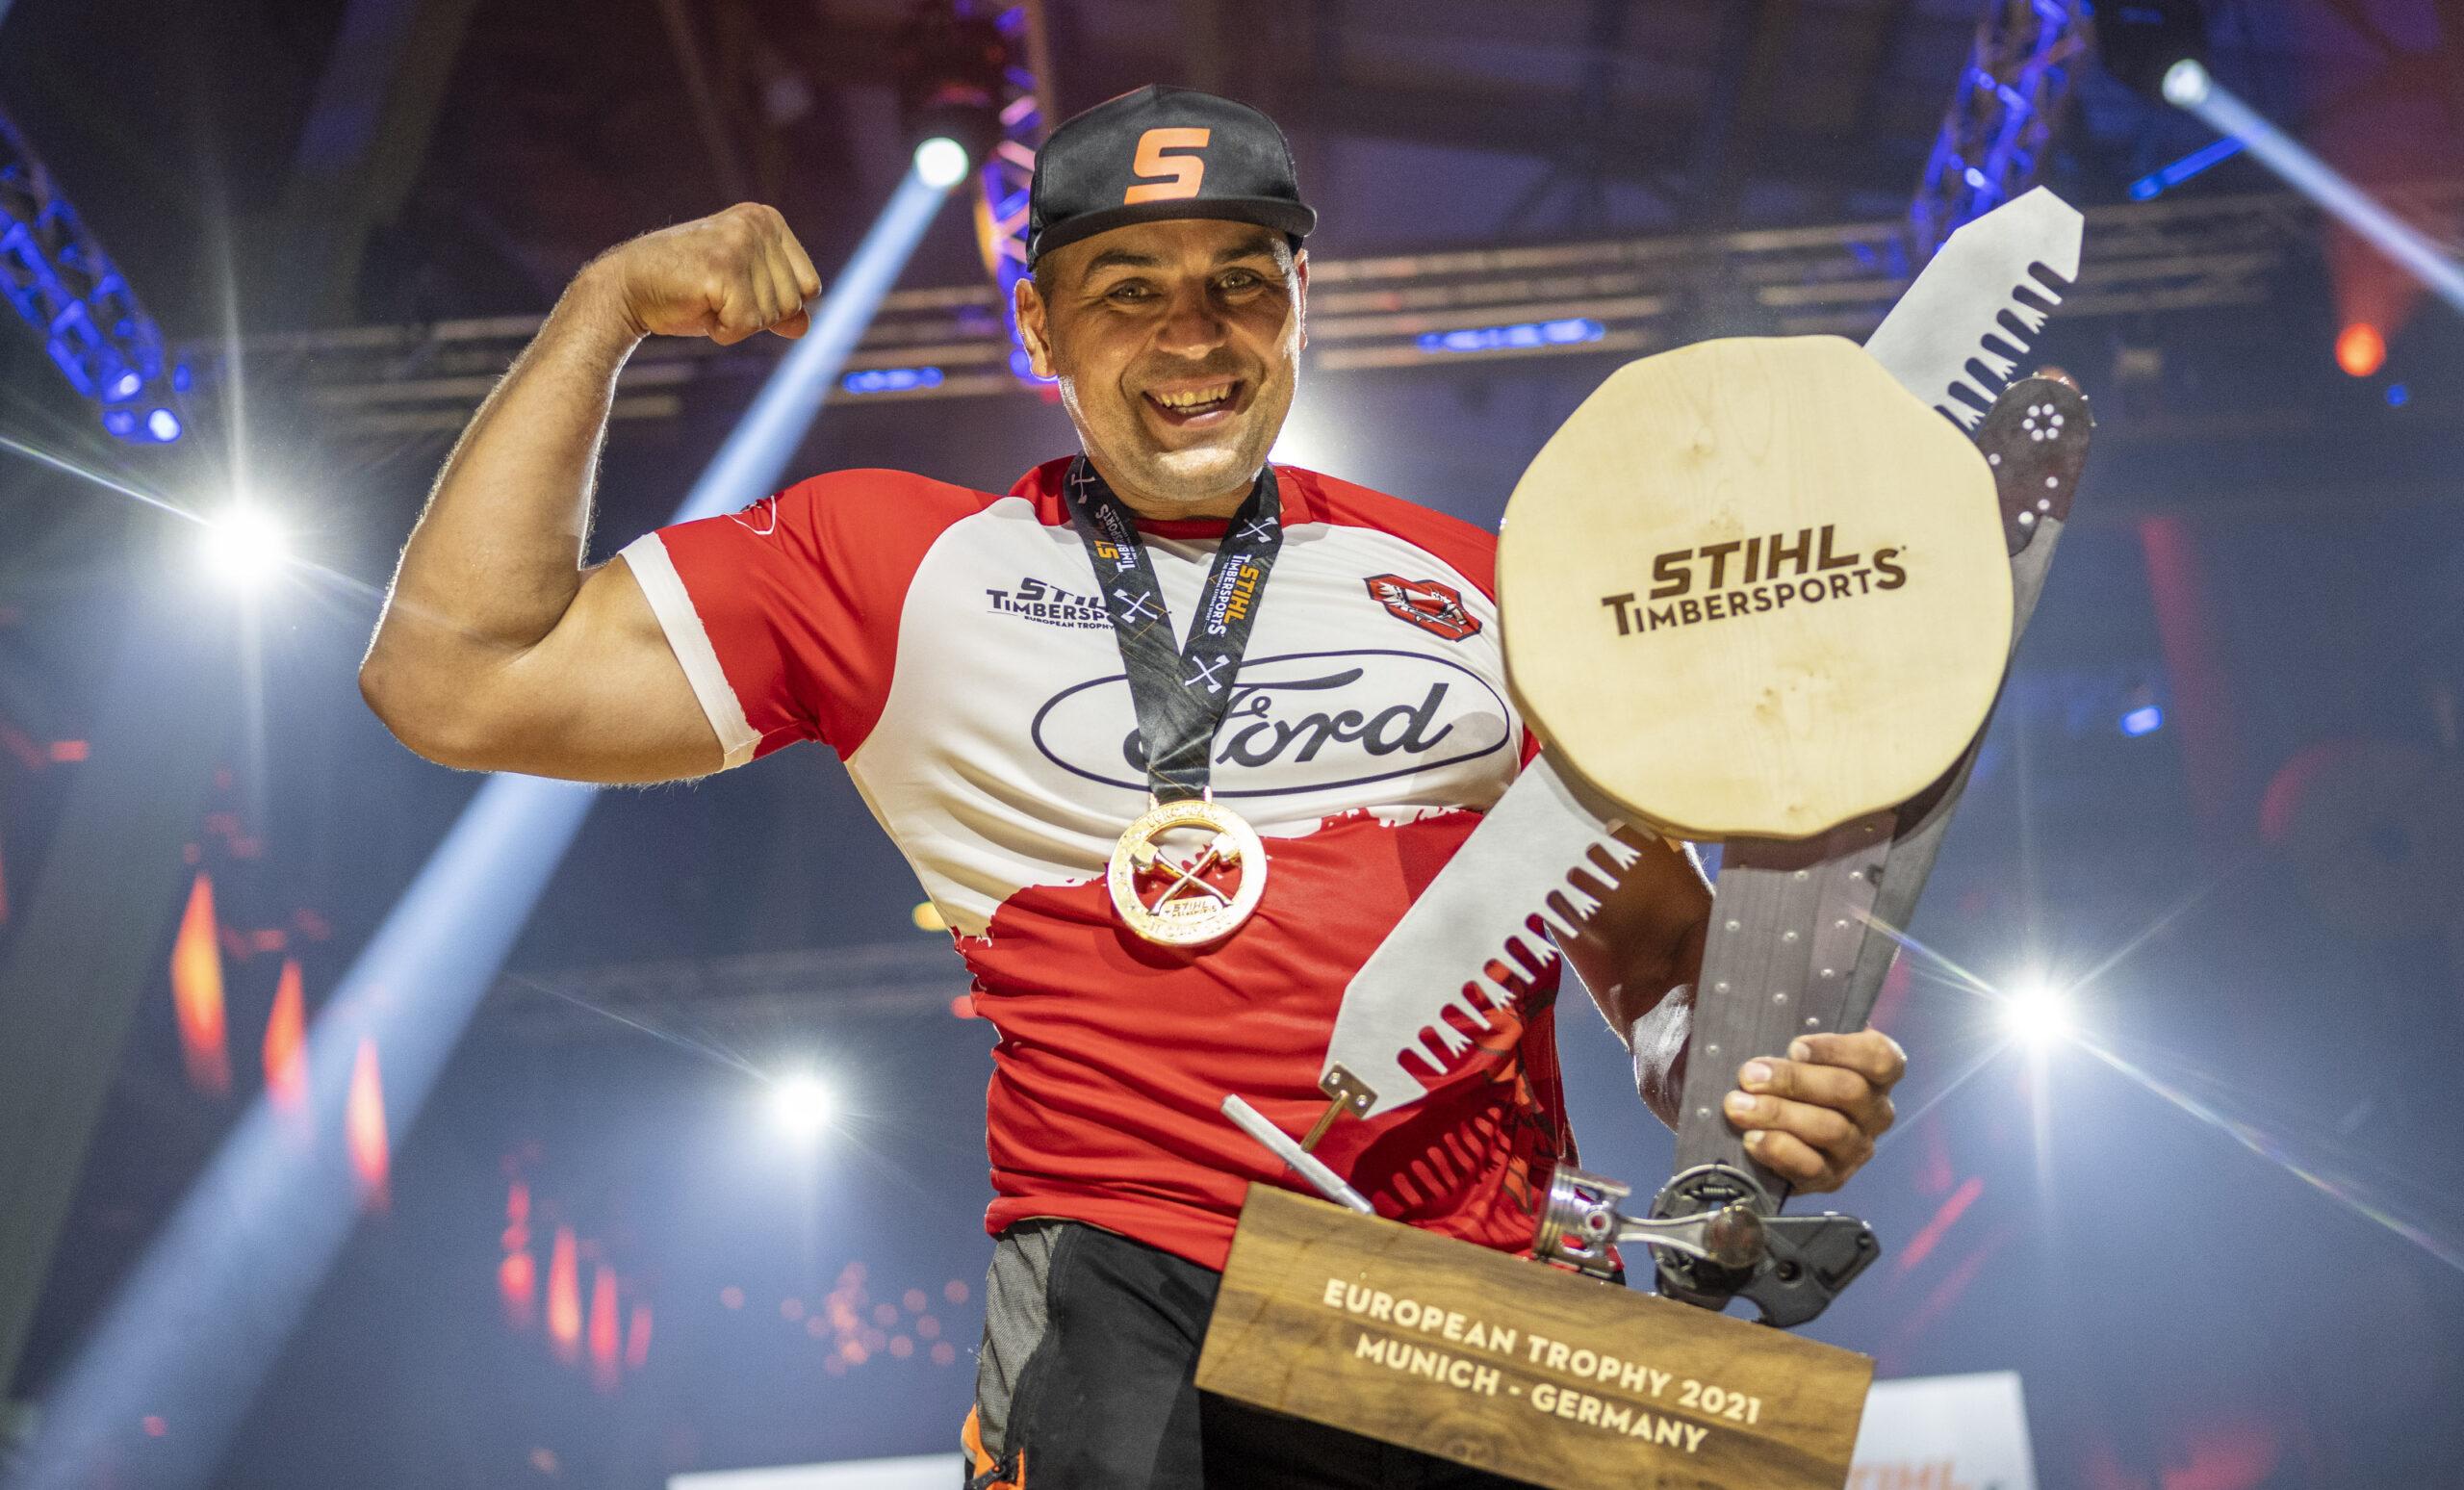 Michał Dubicki podczas dekoracji zwycięzców STIHL Timbersports European Trophy 2021